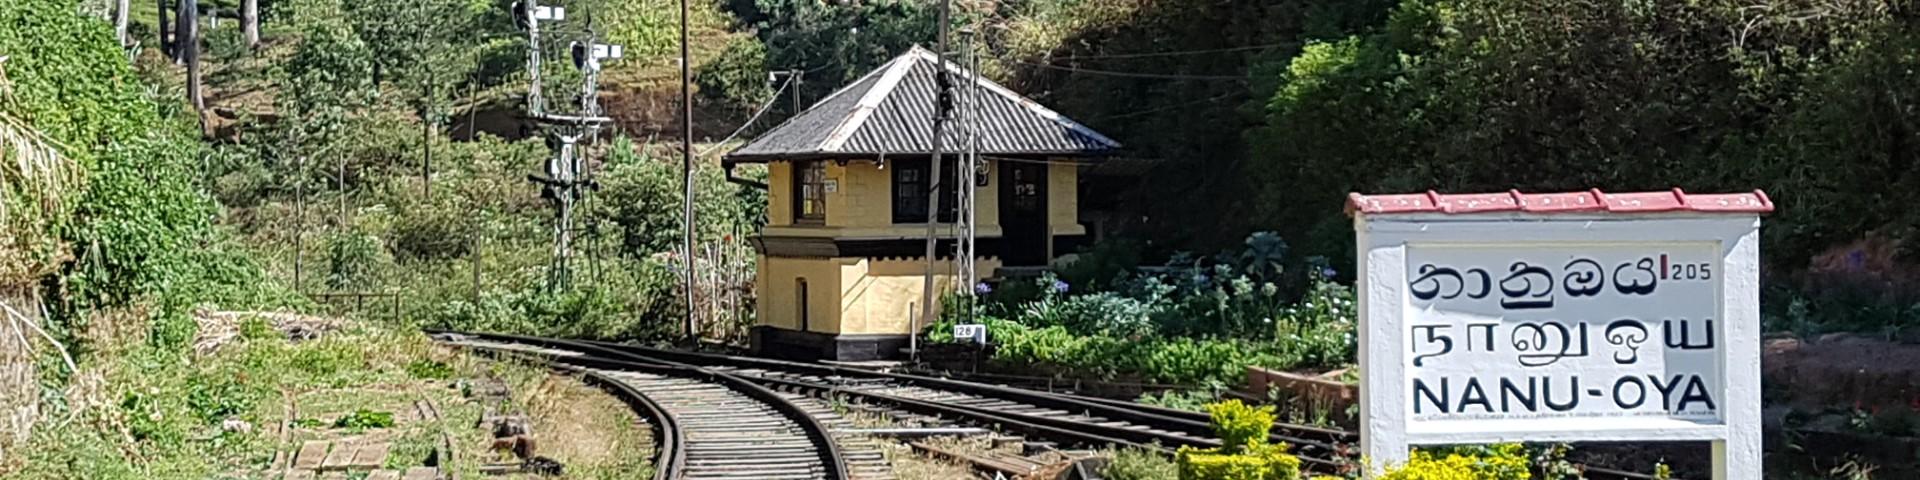 Nanu Oya Railway Station near Nuwara Eliya